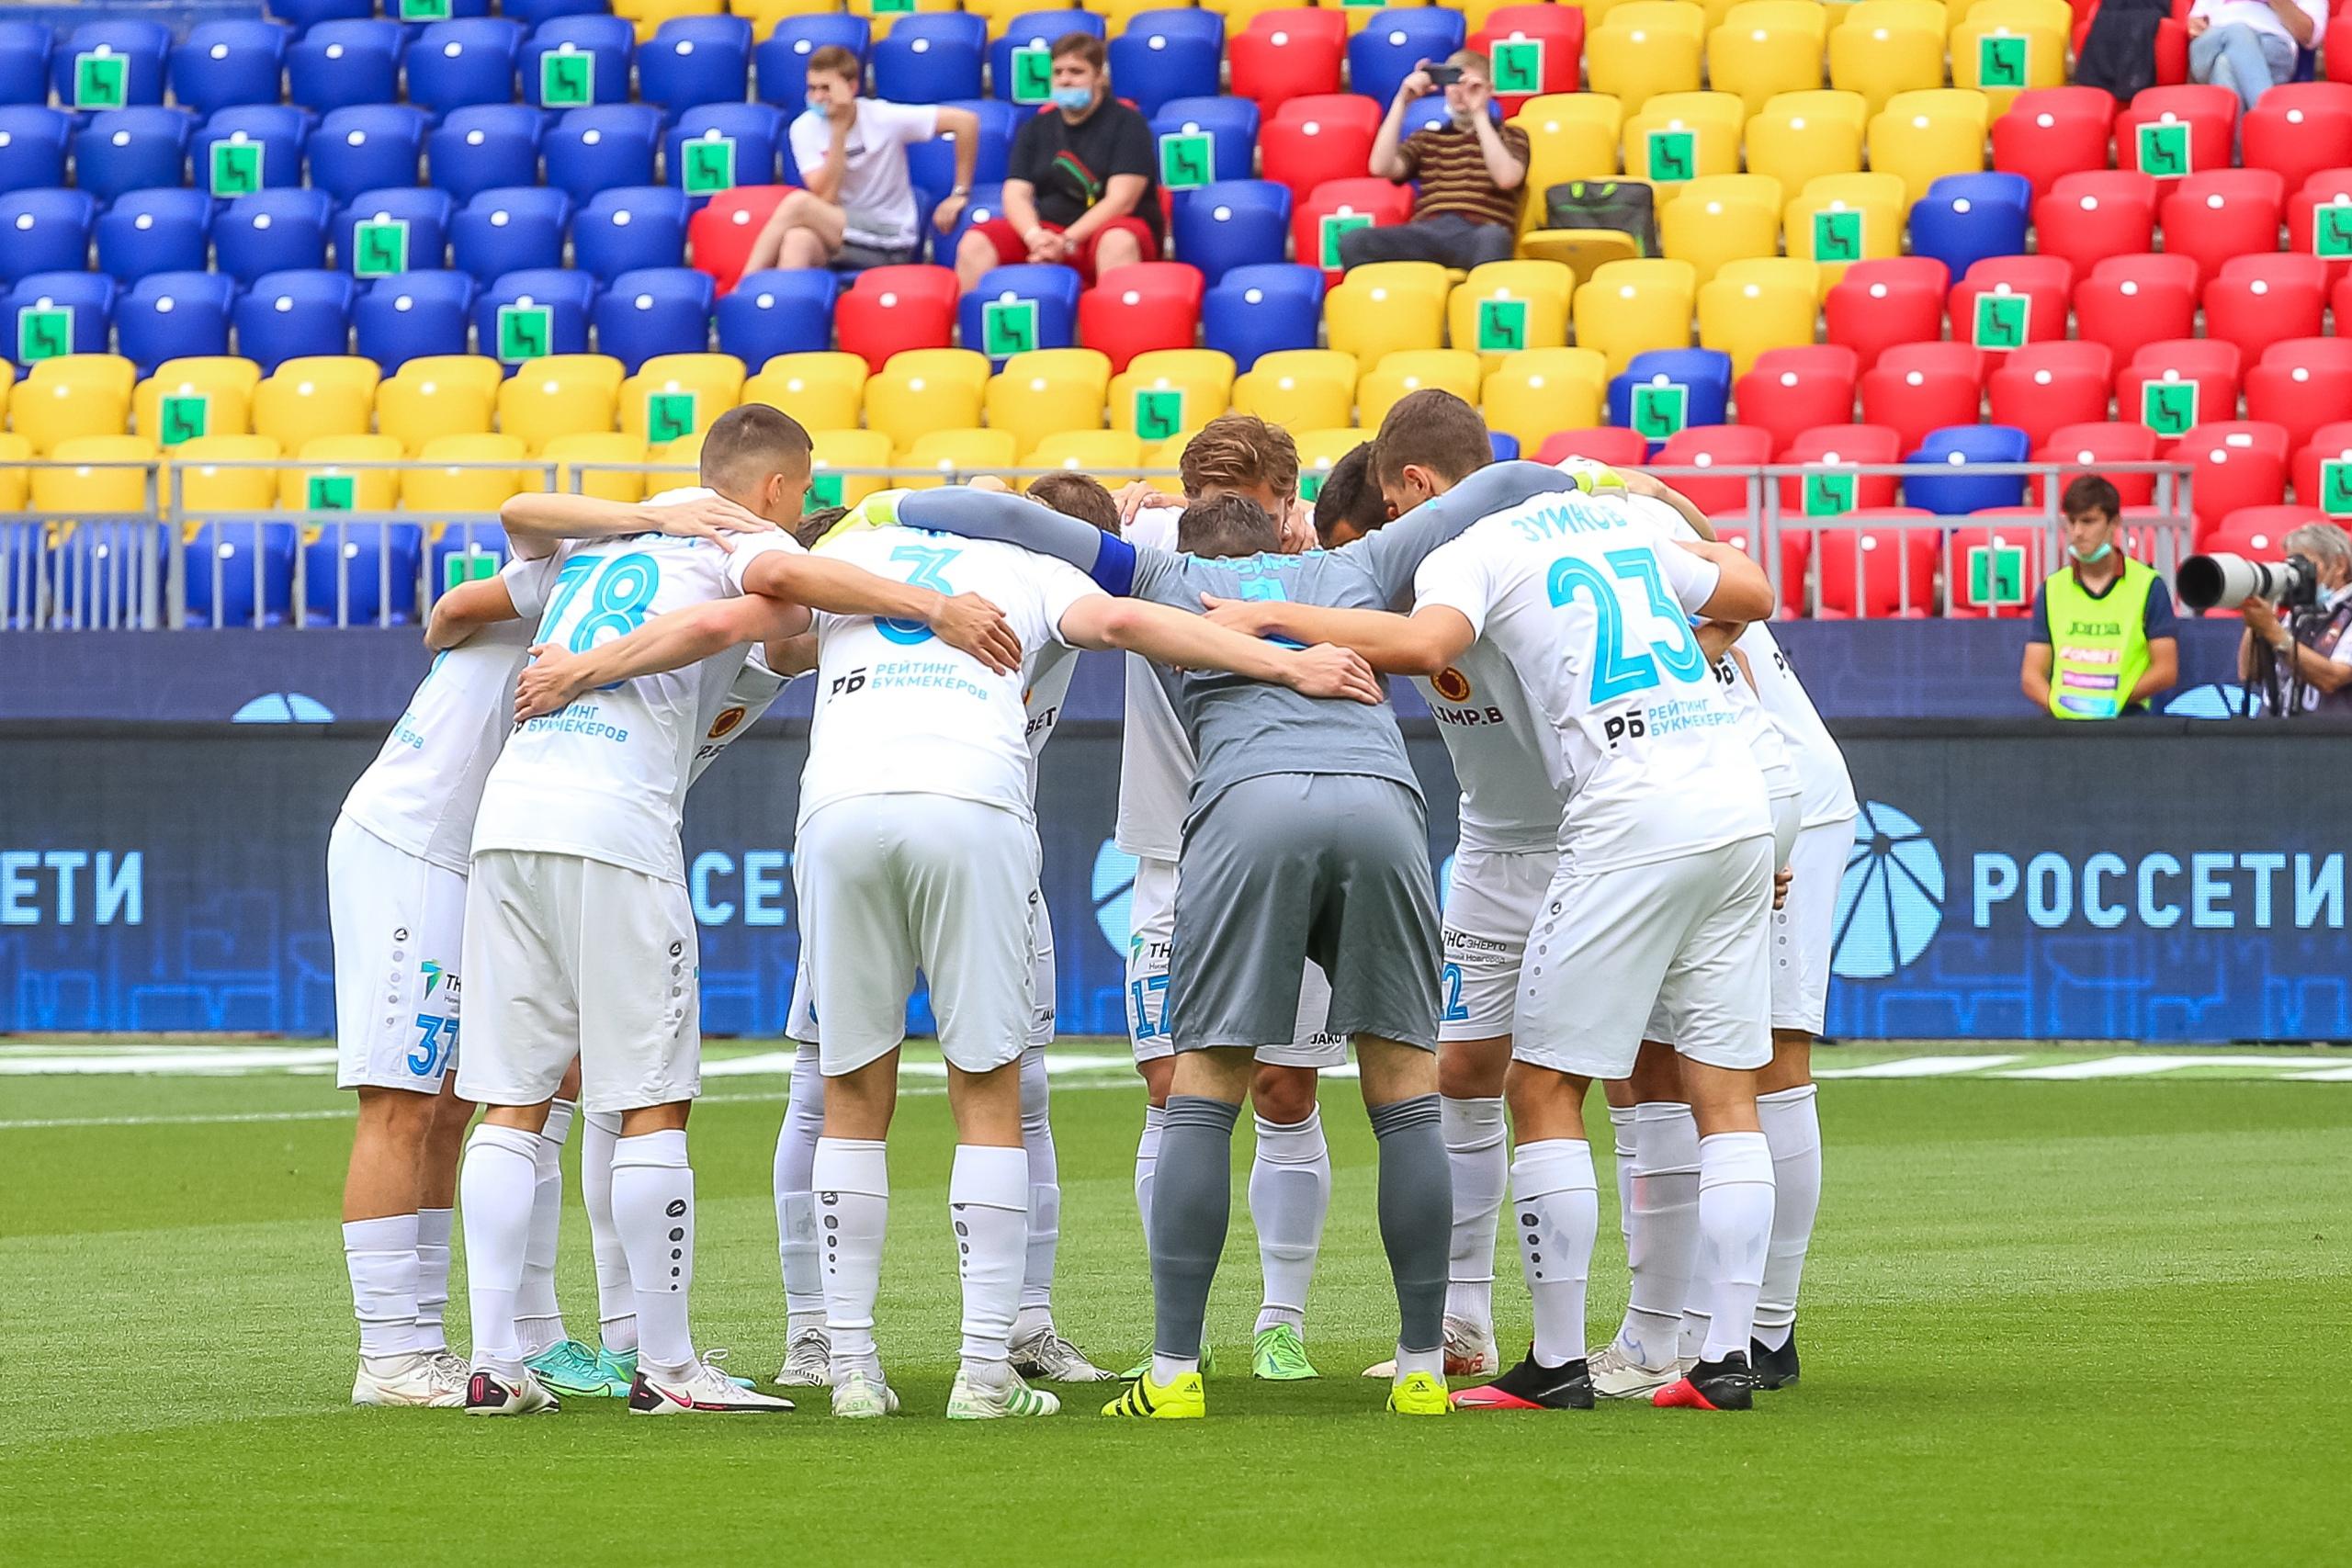 «Нижний Новгород» нашел спонсоров и погасит задолженность перед игроками - фото